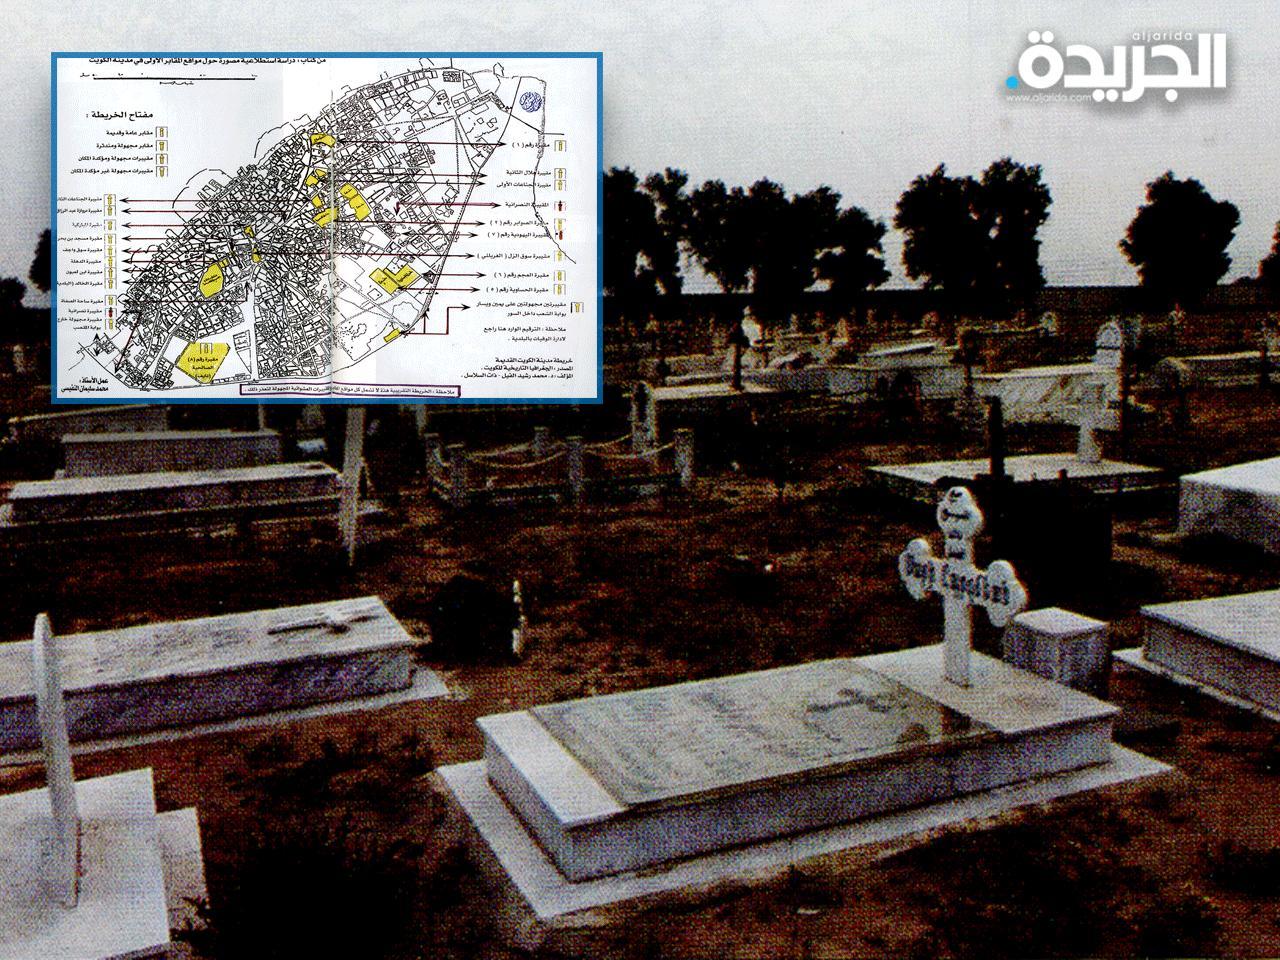 جريدة الجريدة الكويتية   مقابر غير المسلمين القديمة في الكويت.. شاهد تاريخي على التسامح